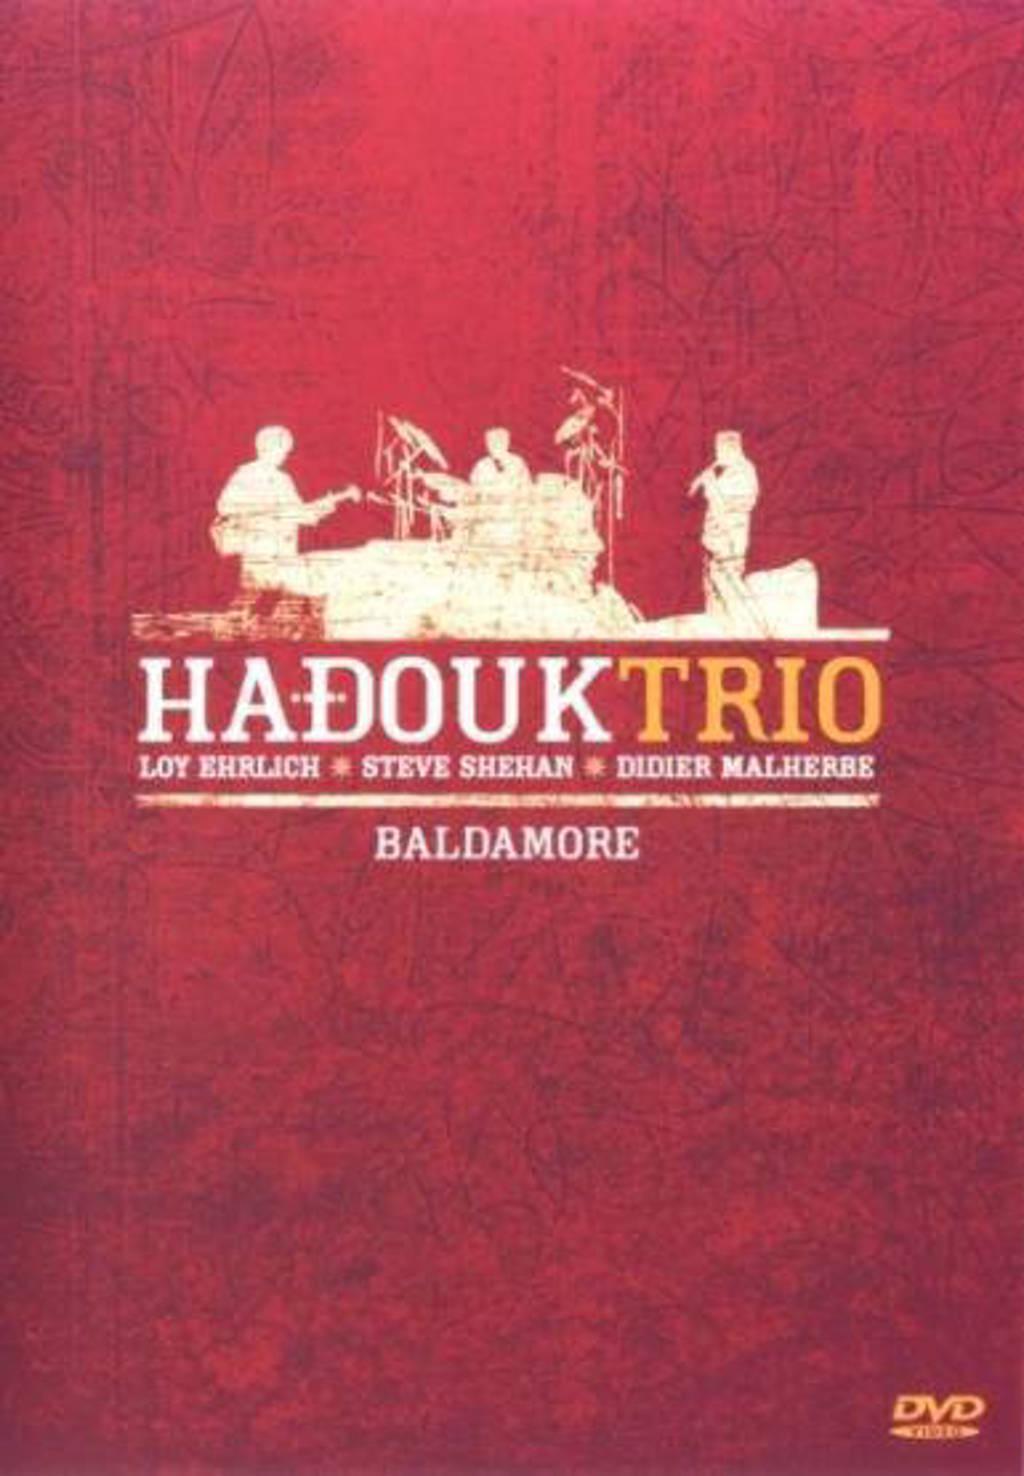 Hadouk trio - baldamore (DVD)